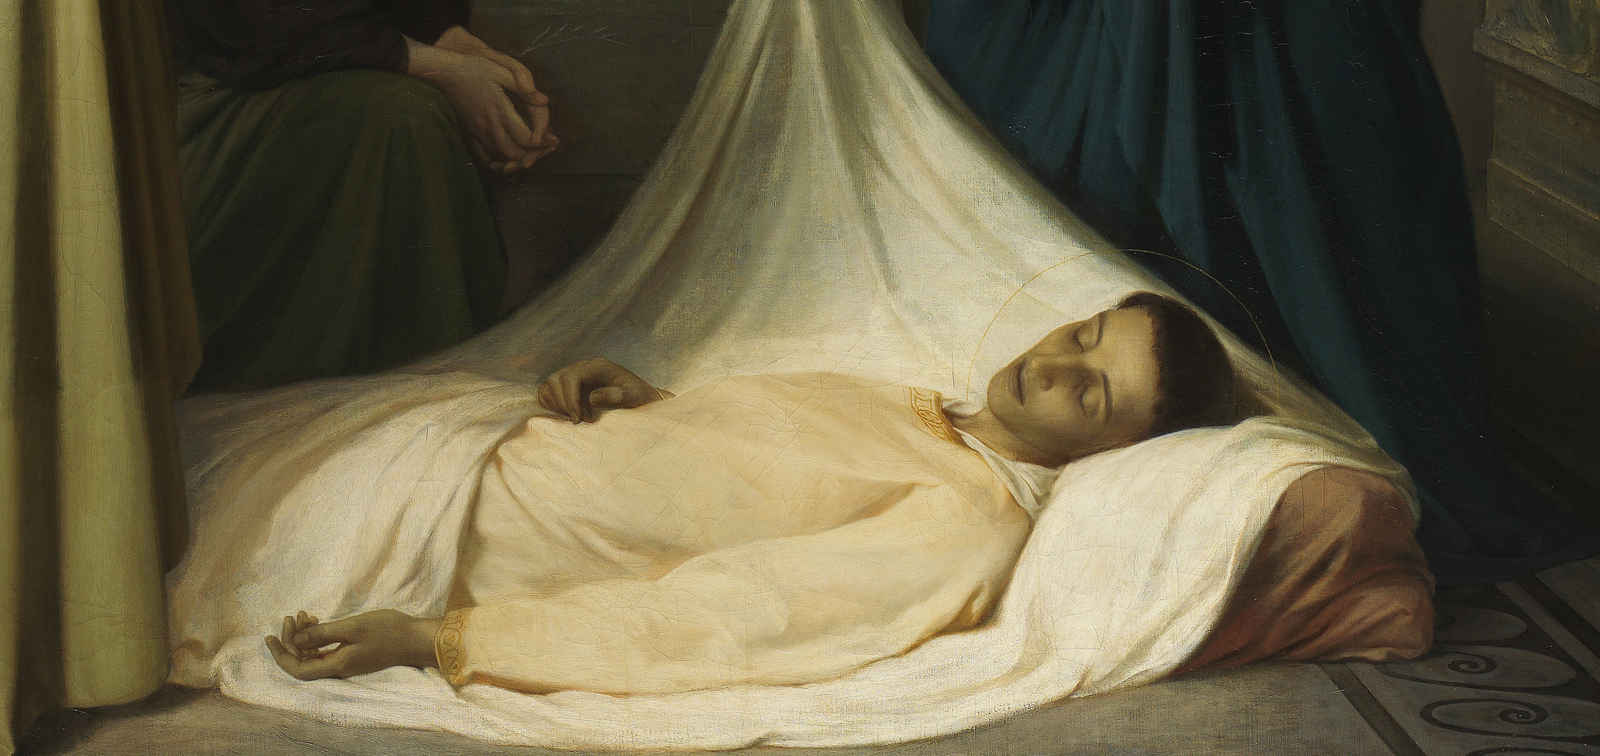 Historias Sagradas. Pinturas religiosas de artistas españoles en Roma (1852-1864)